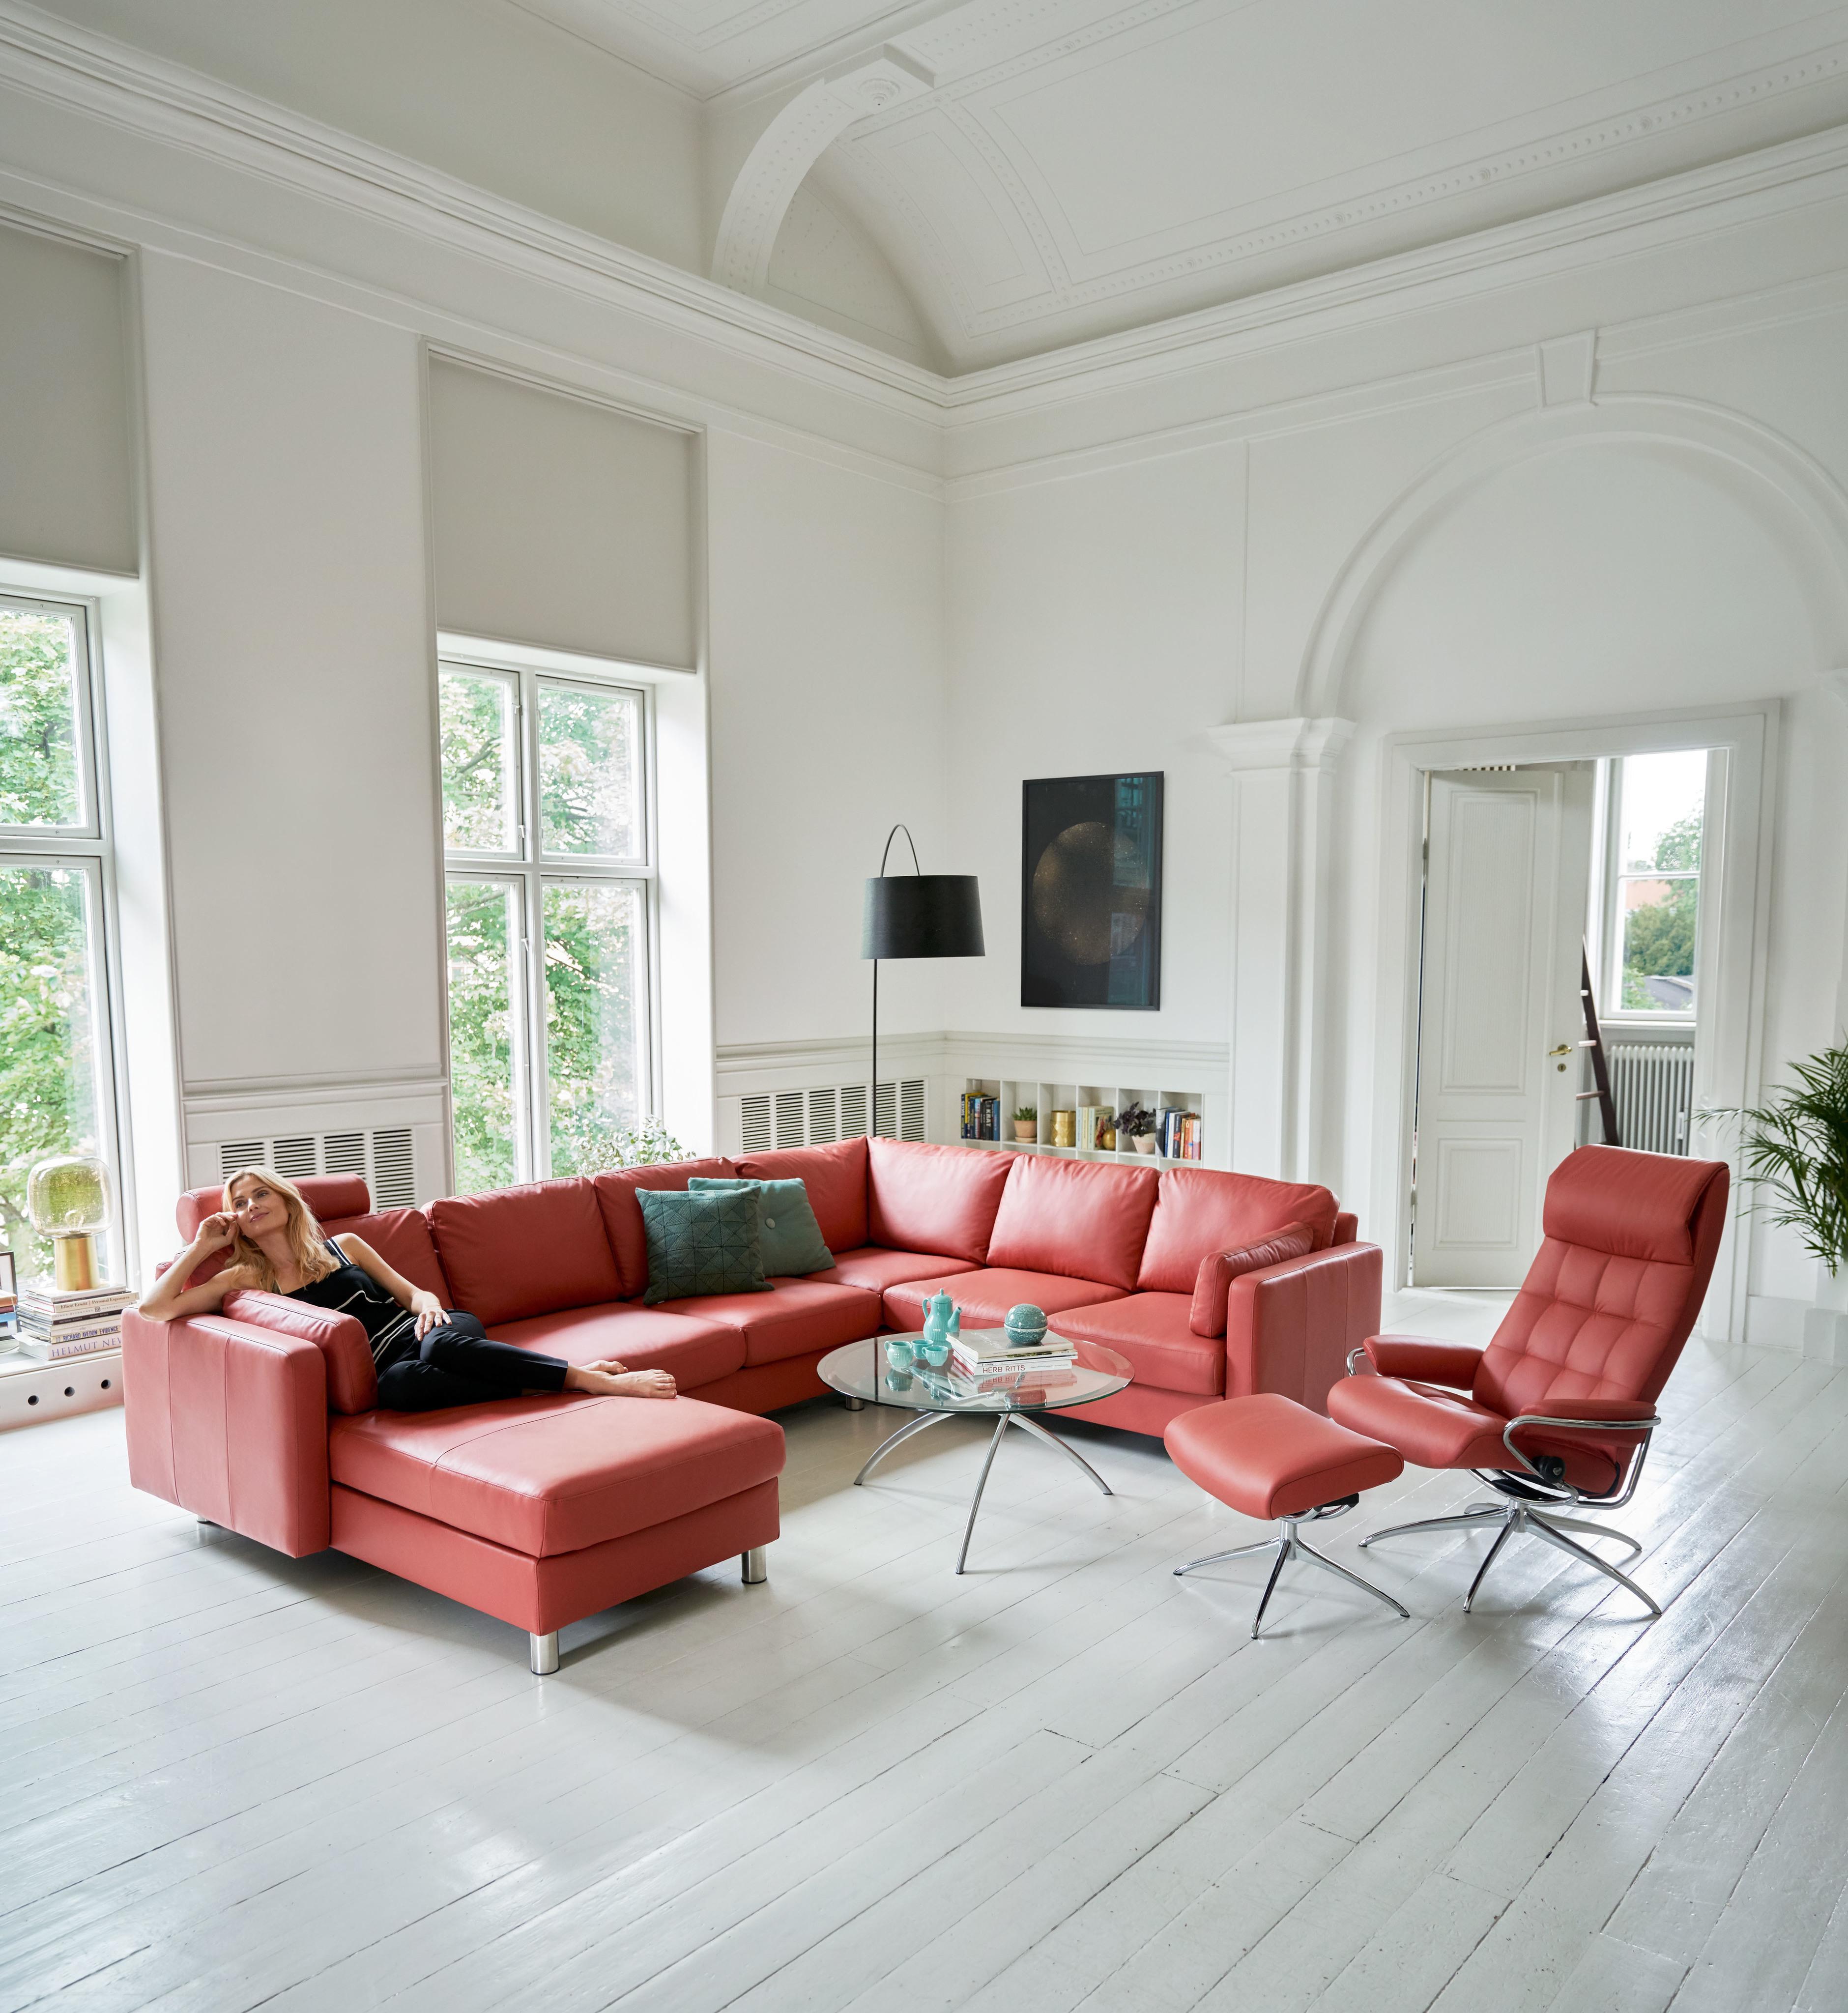 relaxsessel mit liegefunktion design, relaxsessel: entspannende ideen in der community!, Design ideen